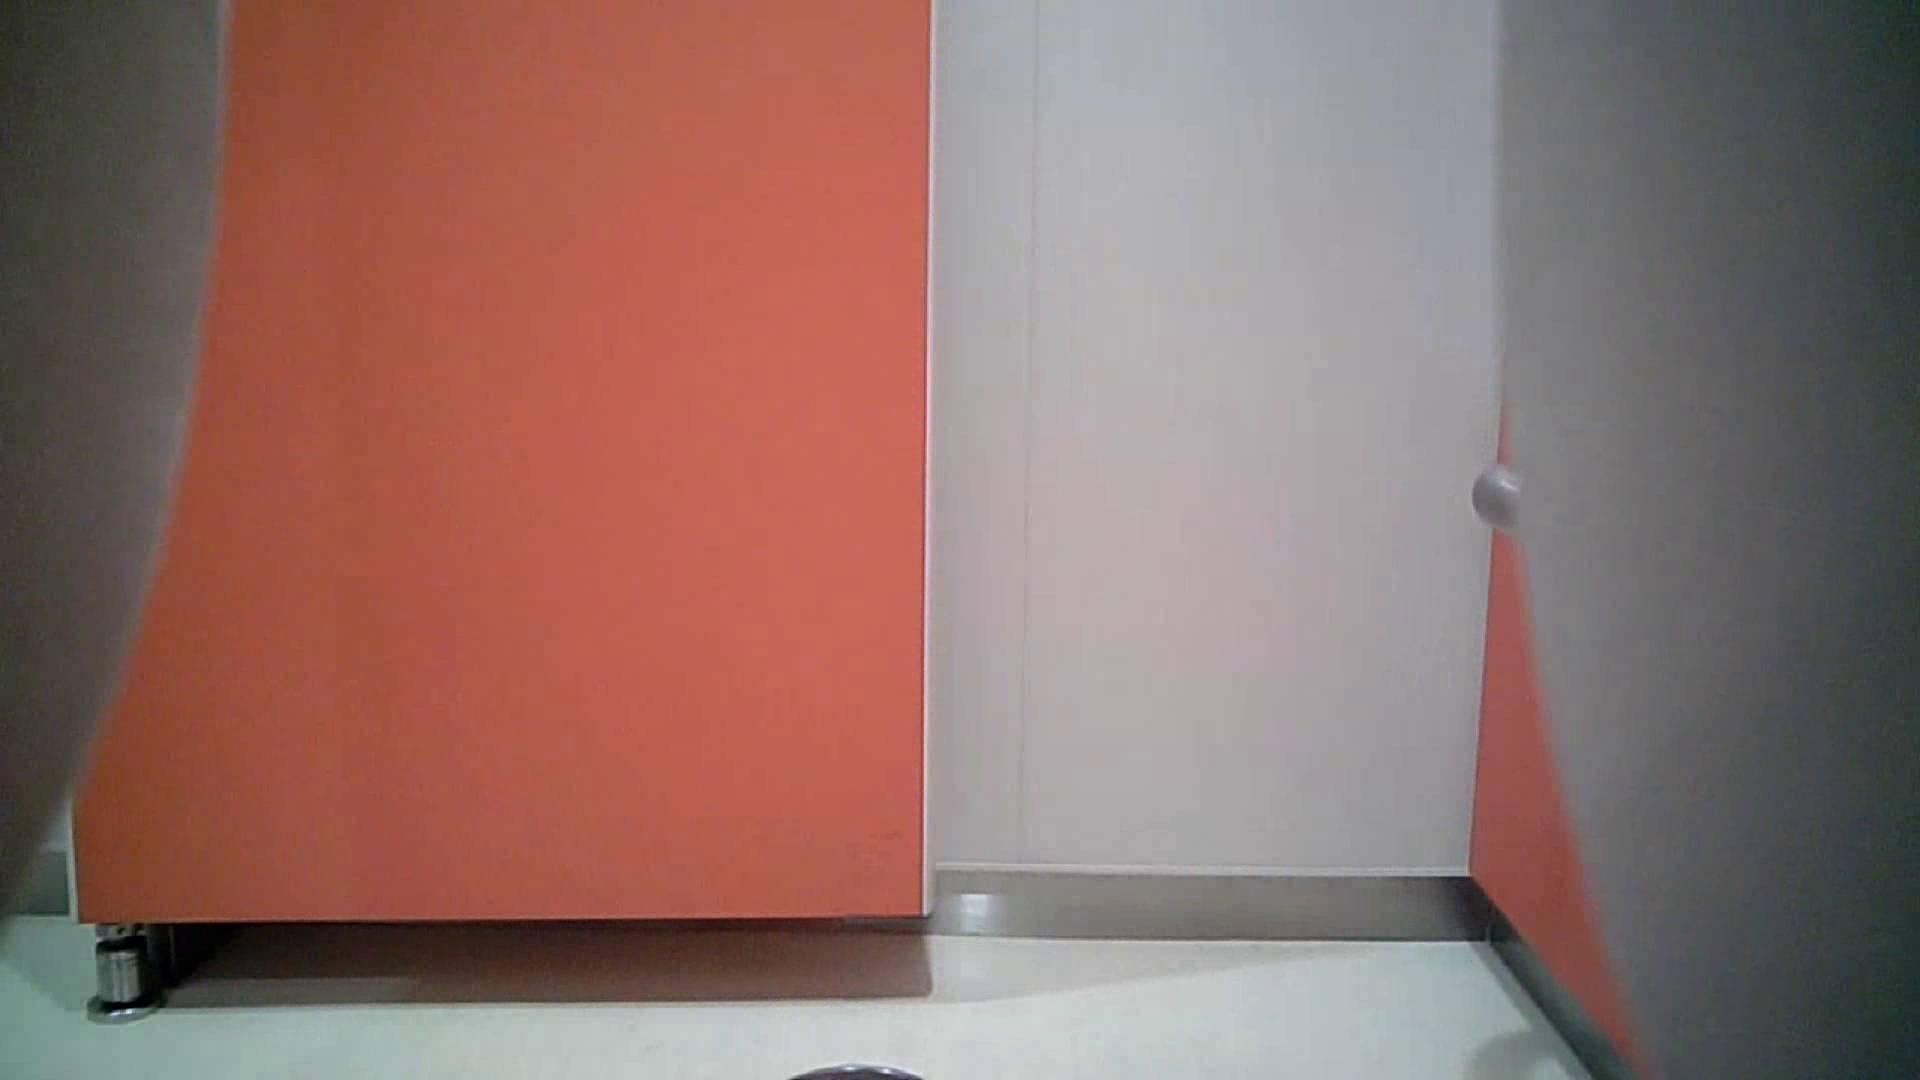 痴態洗面所 Vol.02 マスクが邪魔なんですよ。マスクが・・・。 ギャル攻め  52画像 35